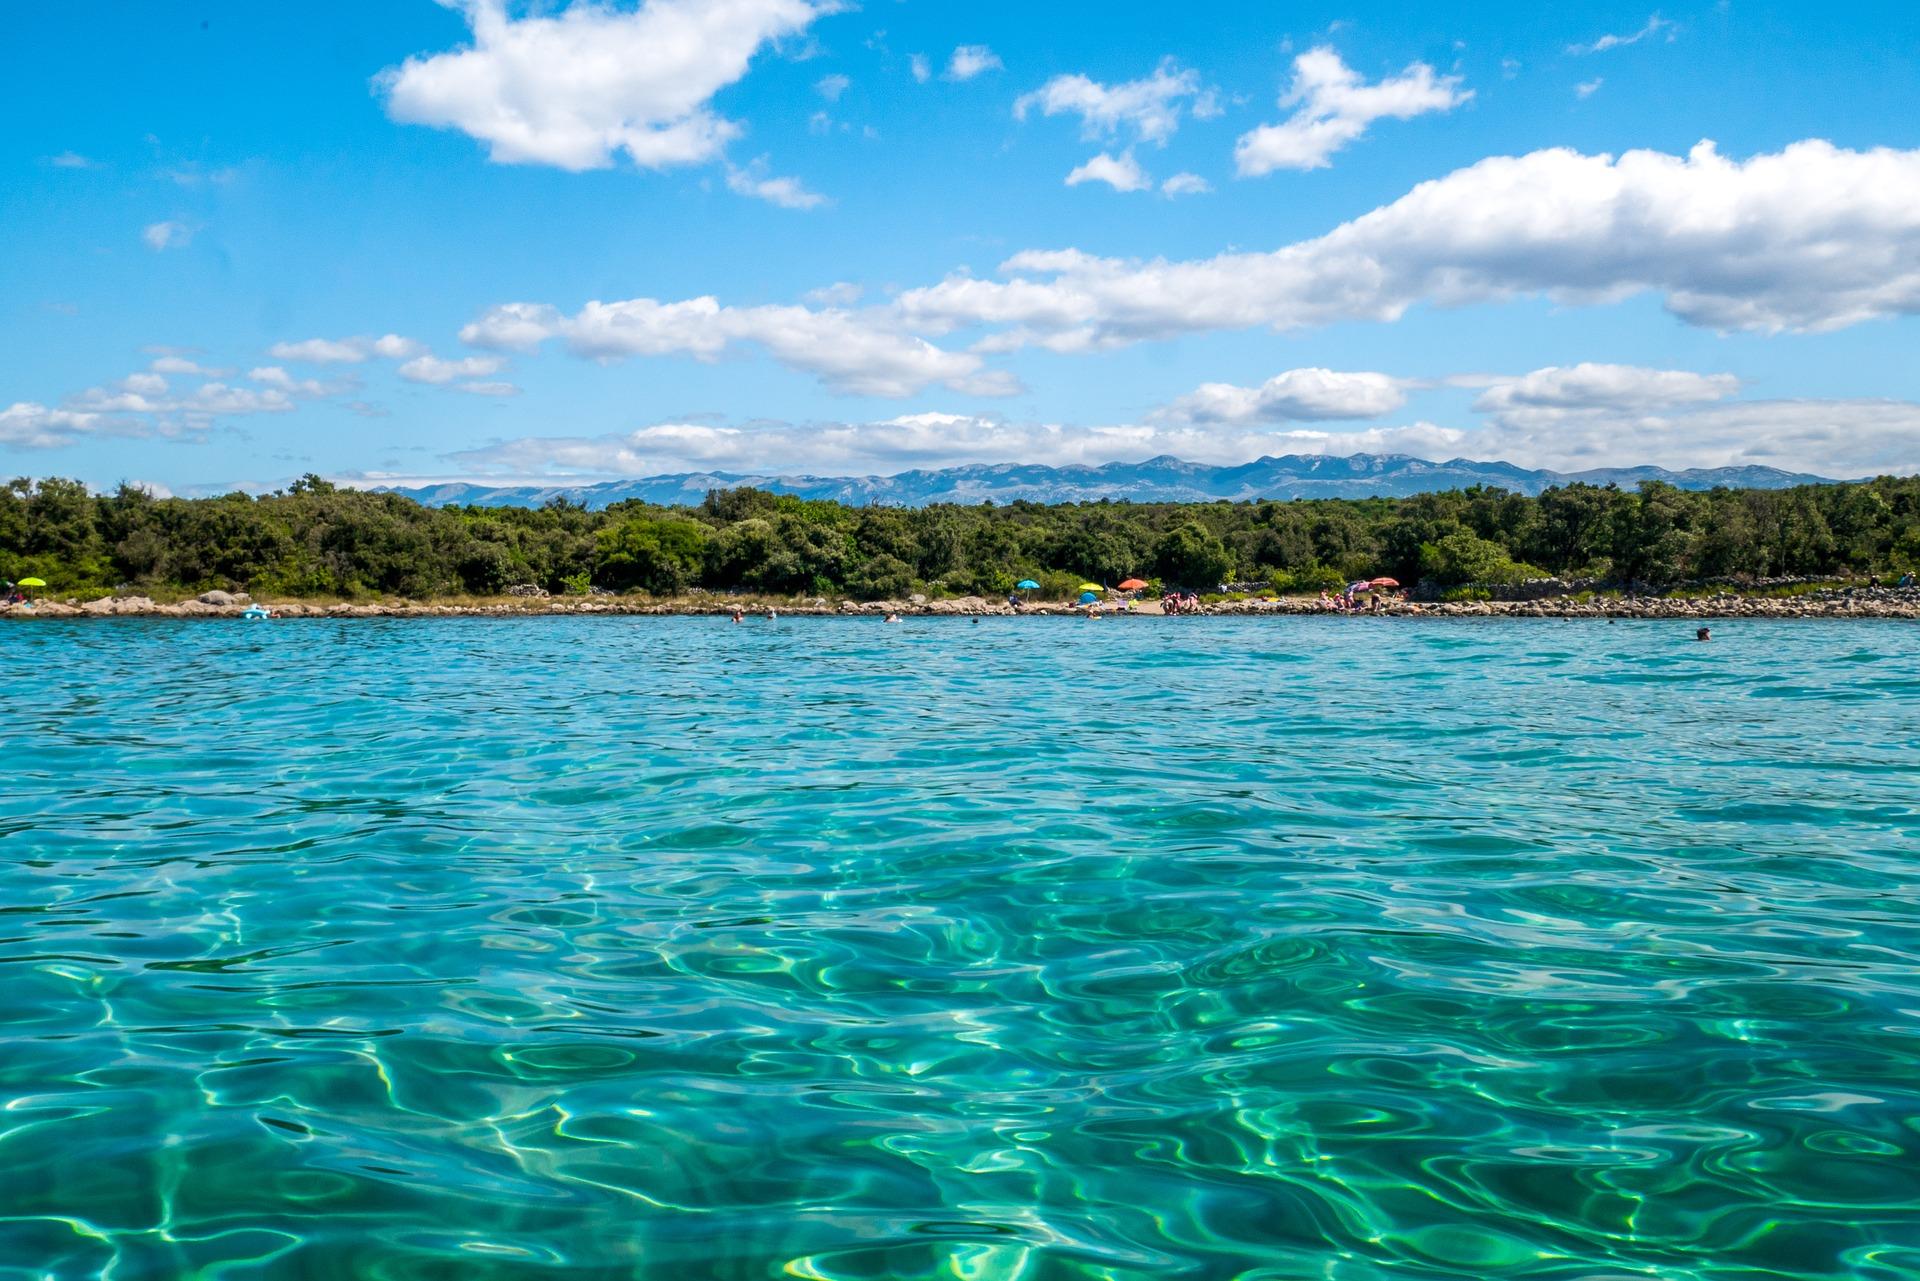 Viel spaß beim Baden im Meer während der Sound der Weltbesten DJ's durch die boxen ströhmt- Spring Break Kroatien 2019